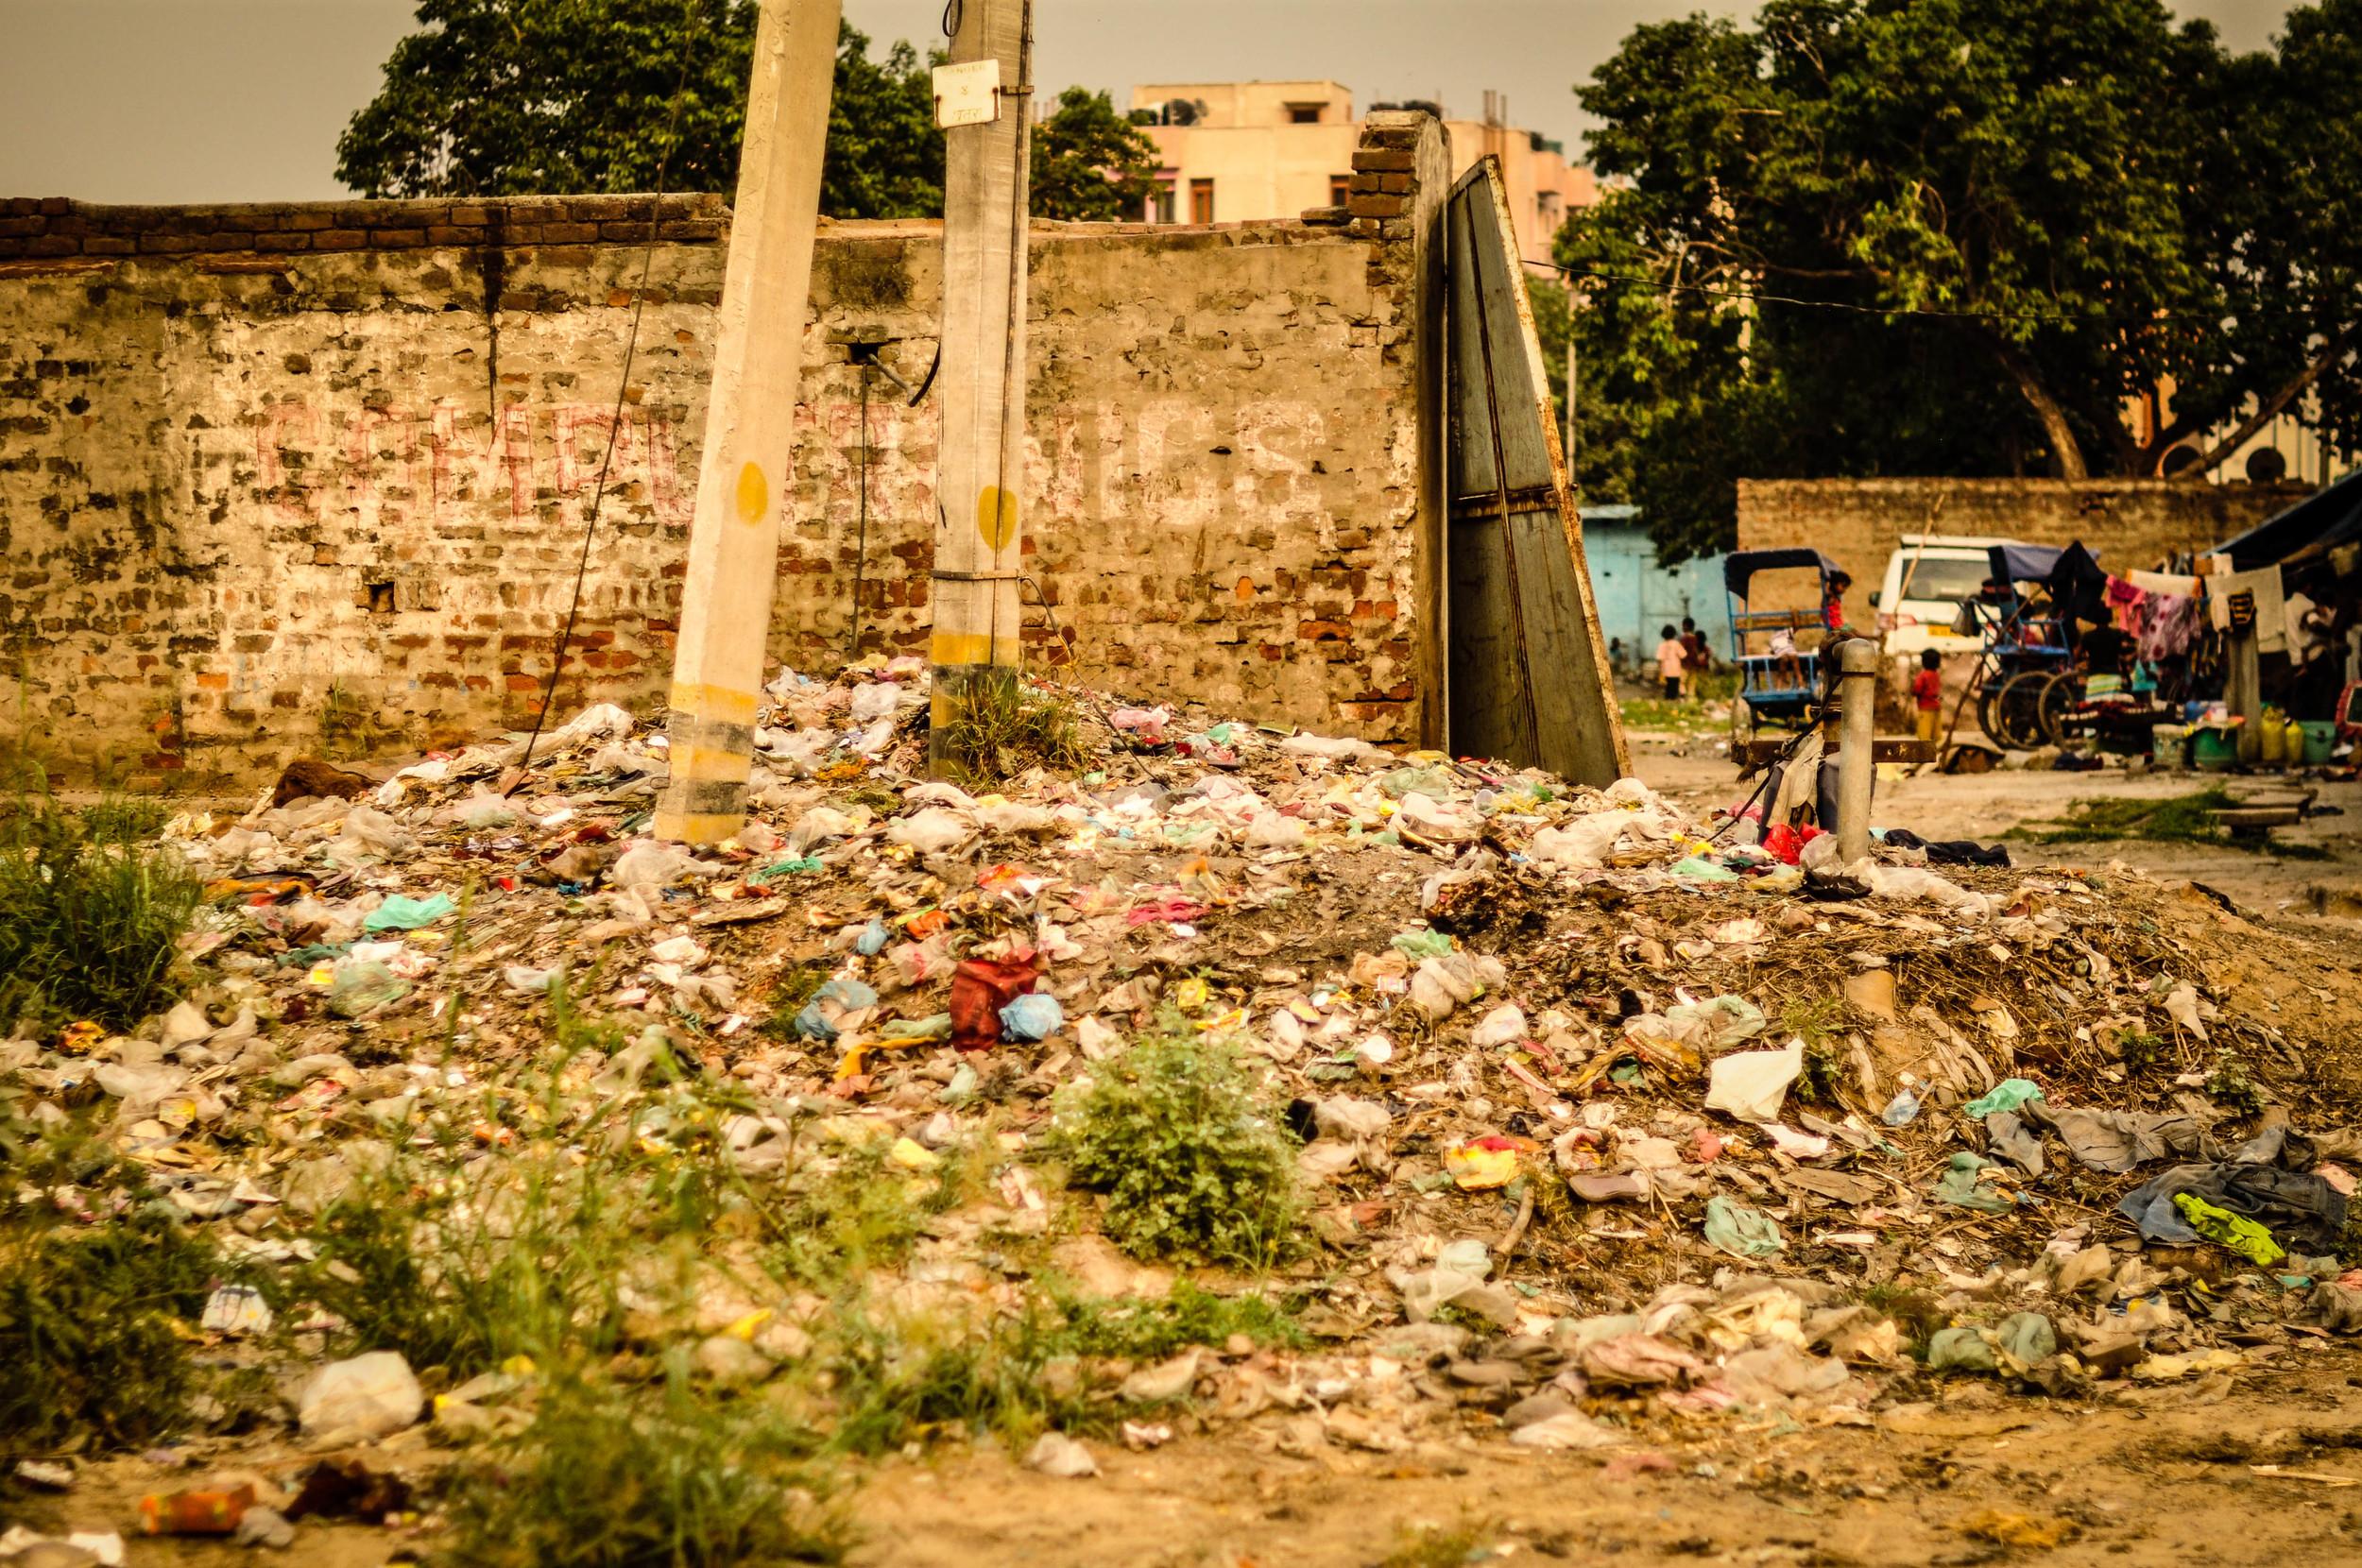 Entrance to Jasola Slum, India.